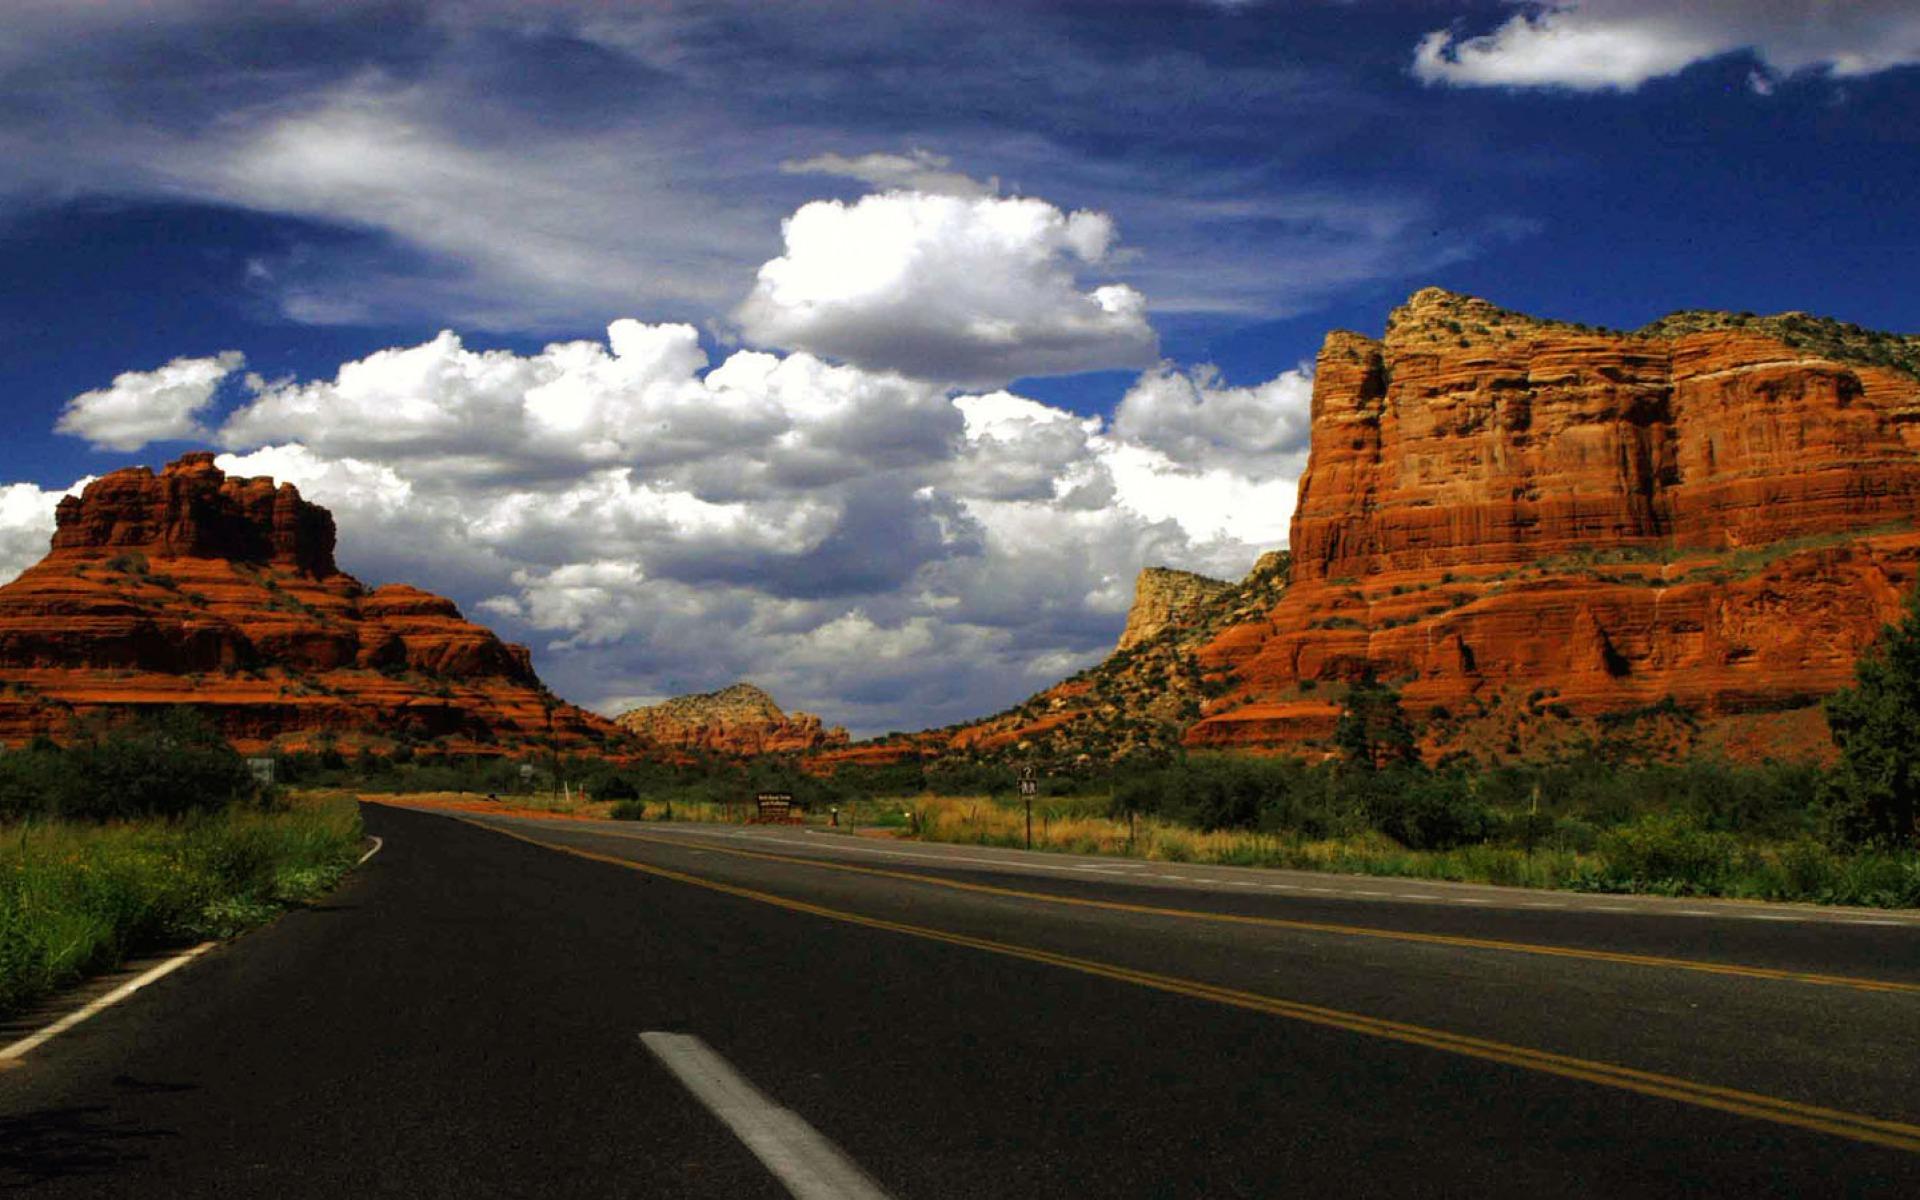 desert storm hd wallpapers